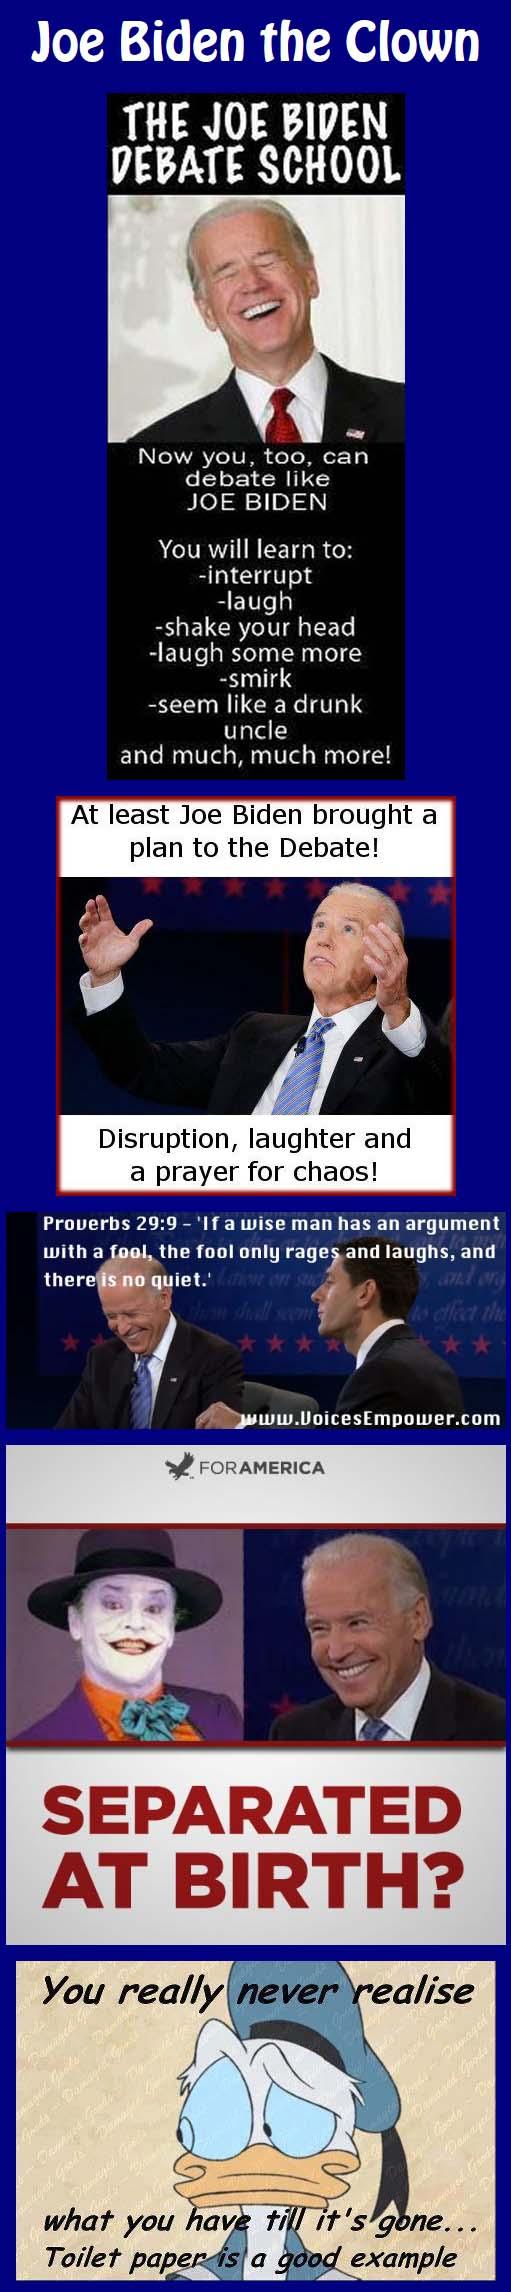 Joe Biden the Clown